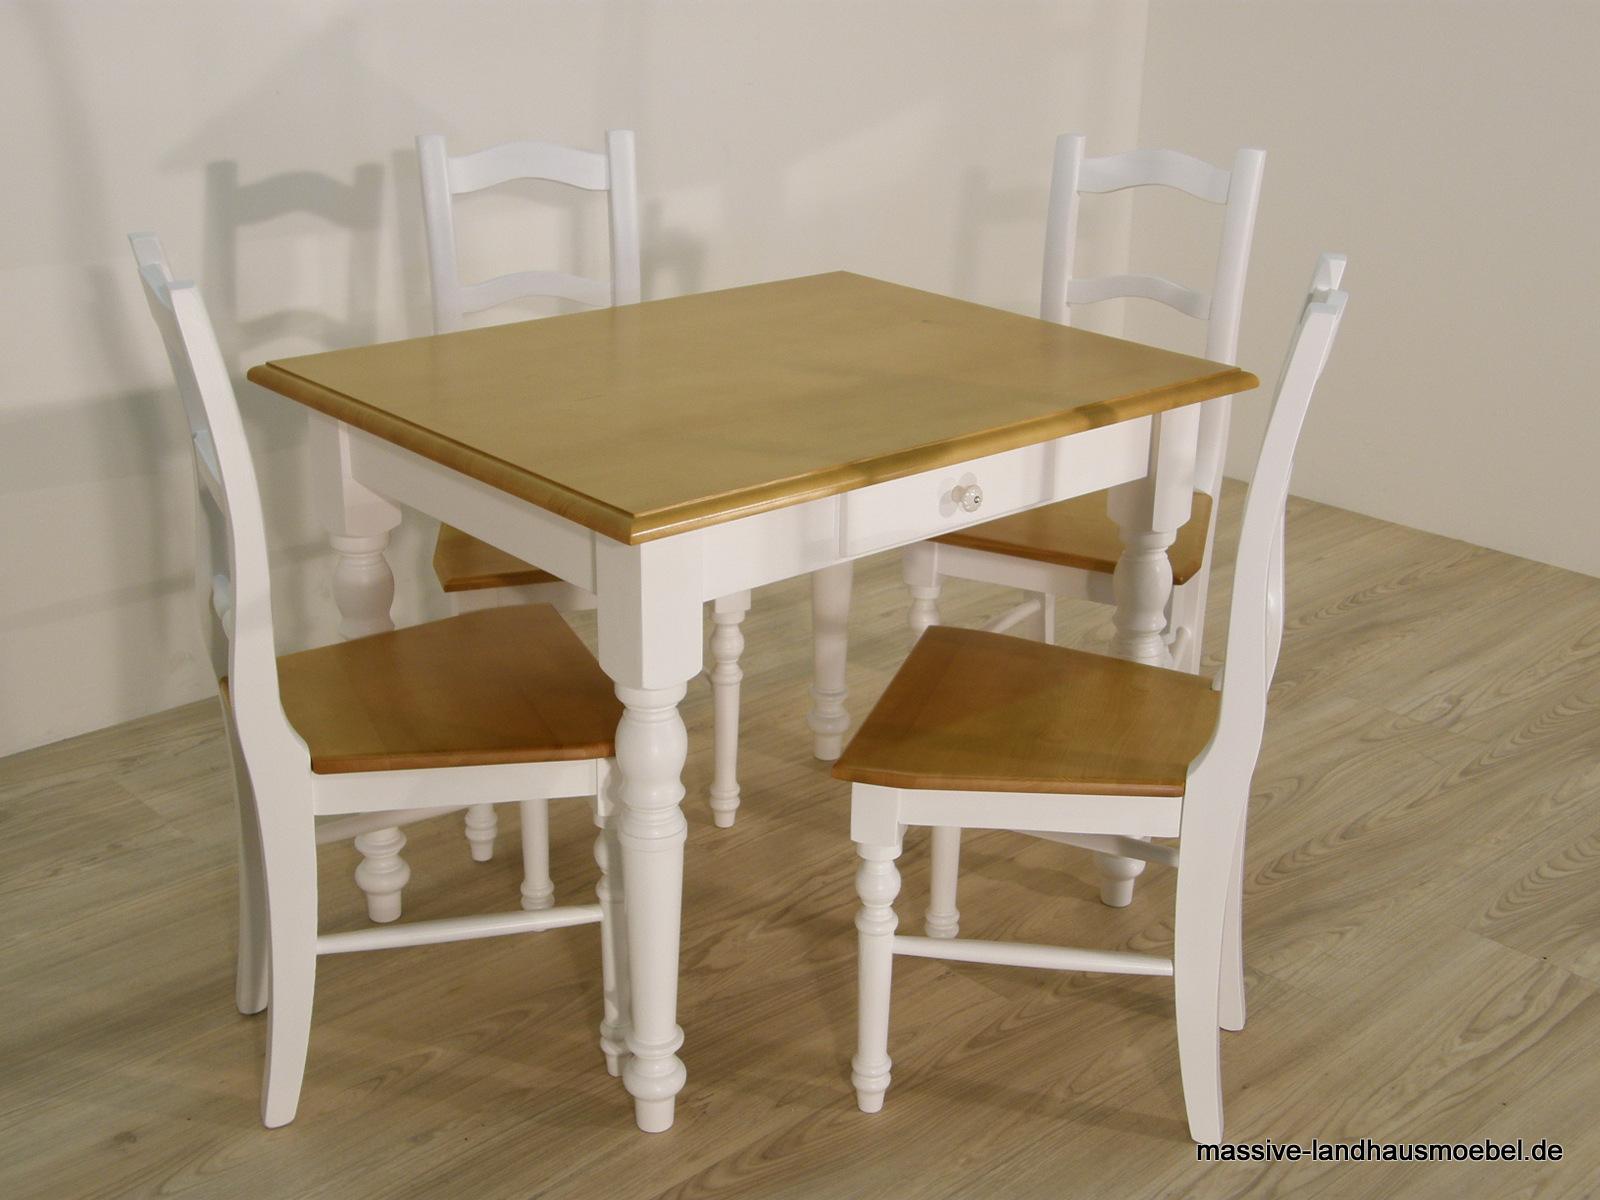 Massive Landhausmöbel - 138 Tisch weiß / Honig